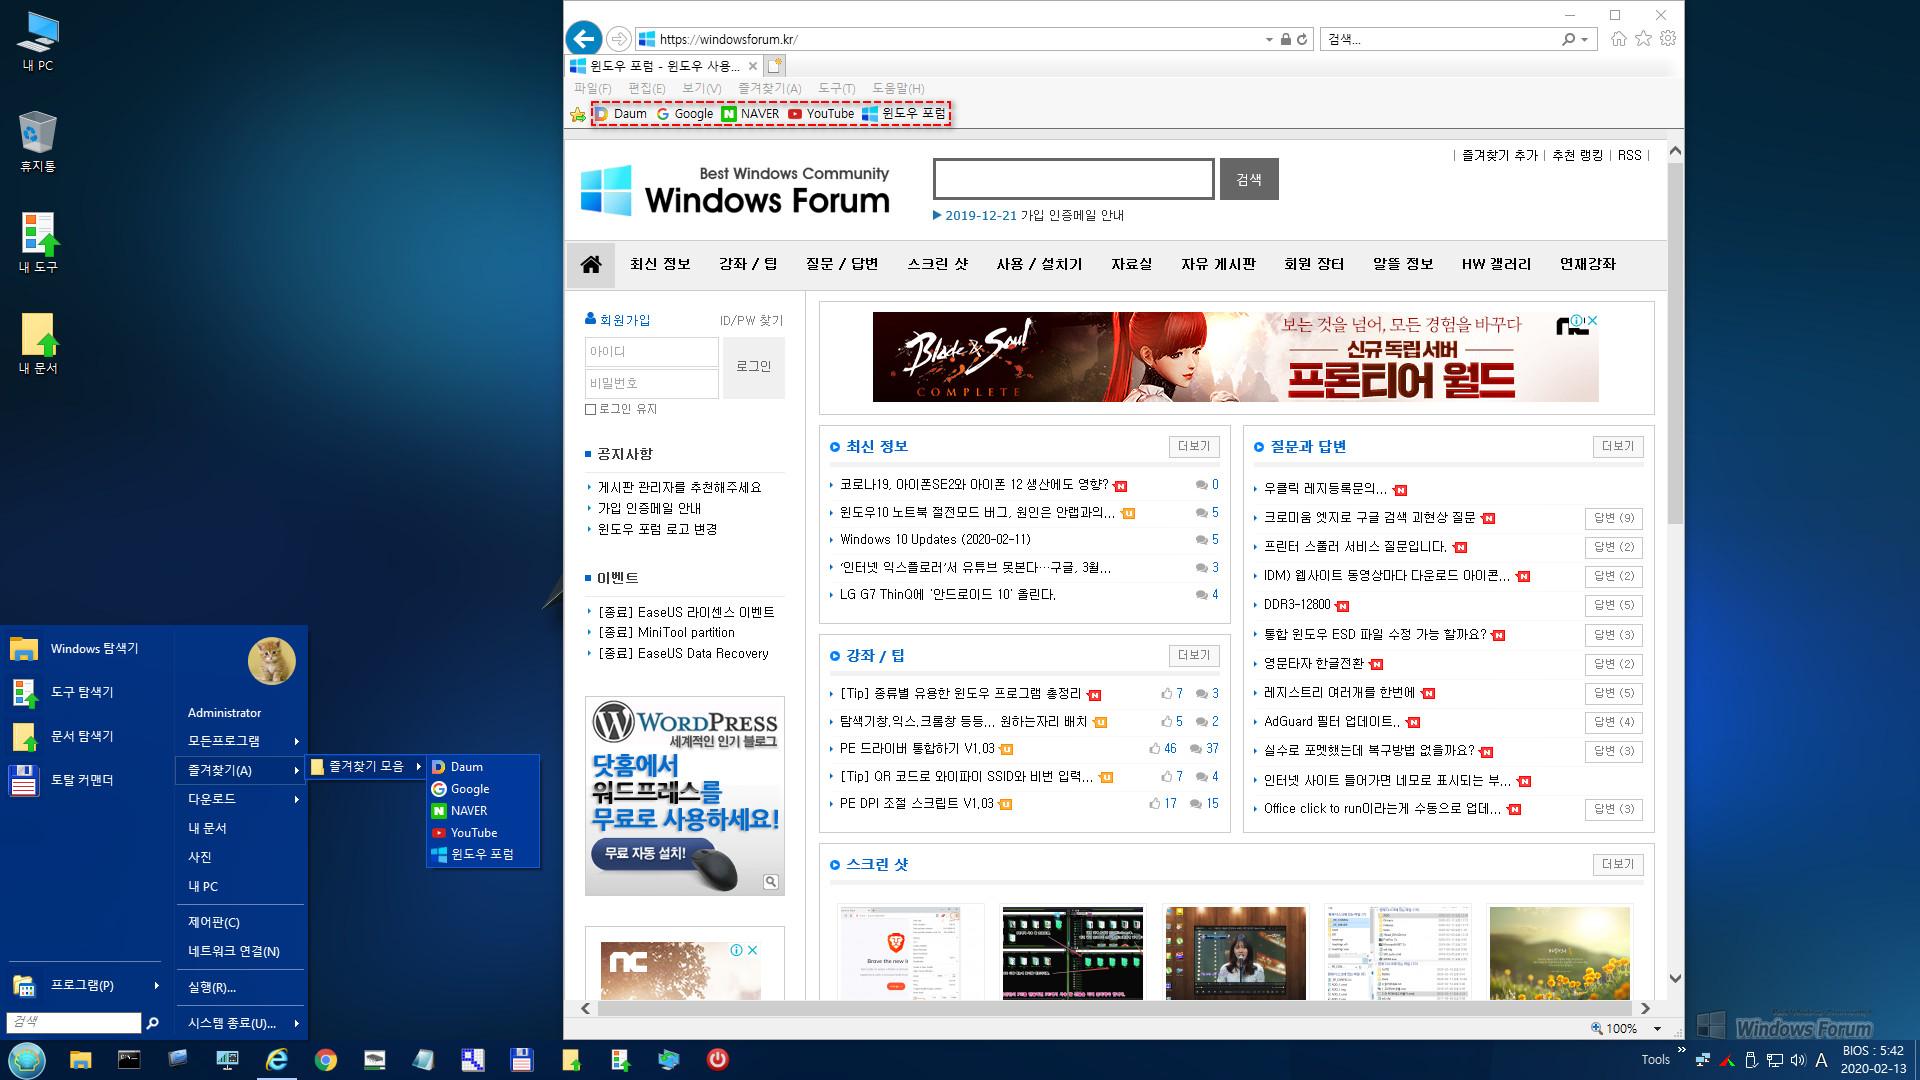 Win10XPE24_x64_18363.387_0005-03.jpg